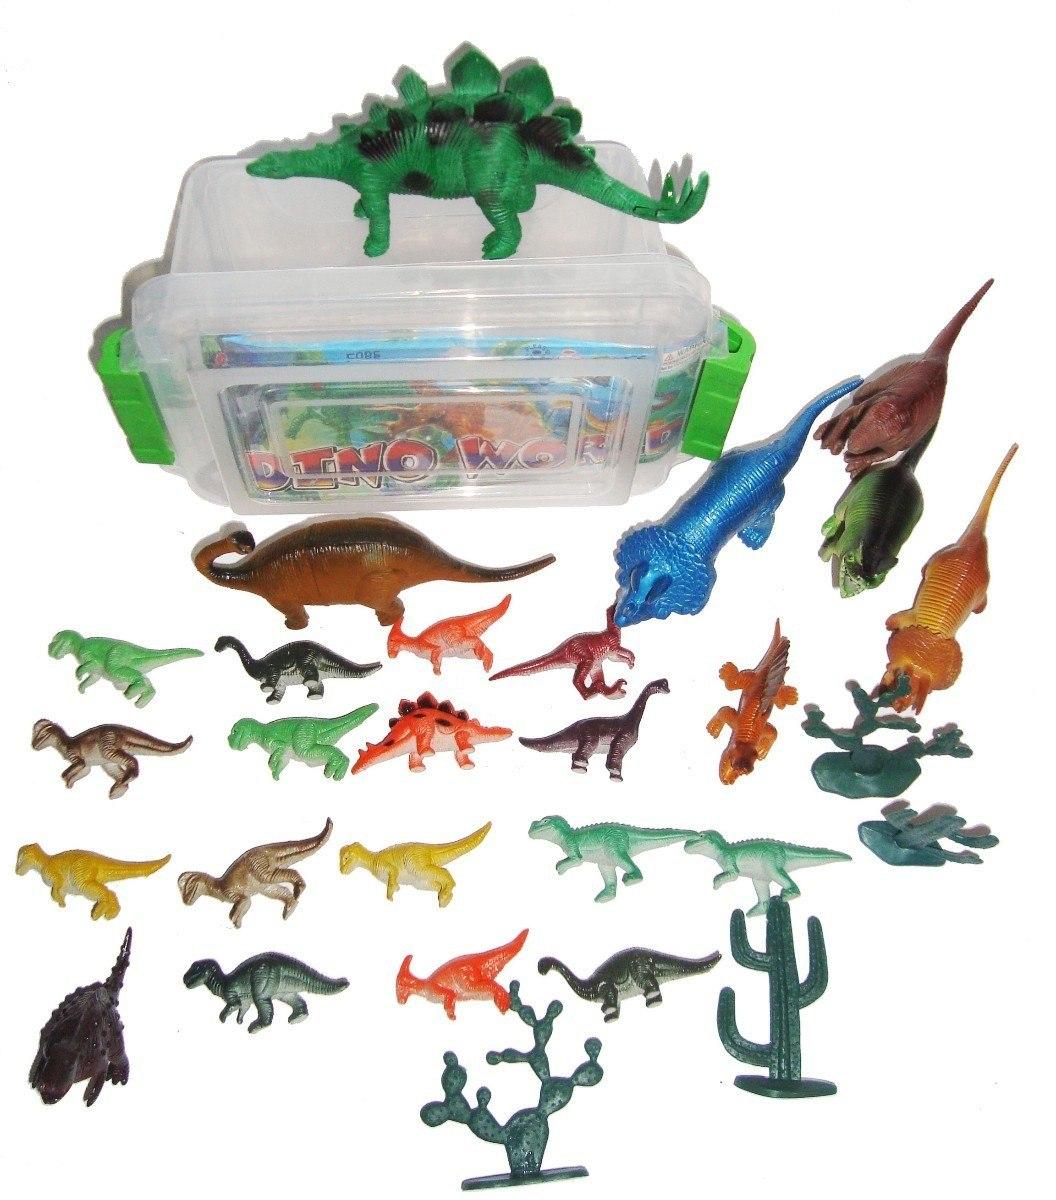 262ce60f73 Box 40 Dinossauros Dinossauro Jurrasic World - R$ 200,00 em Mercado ...